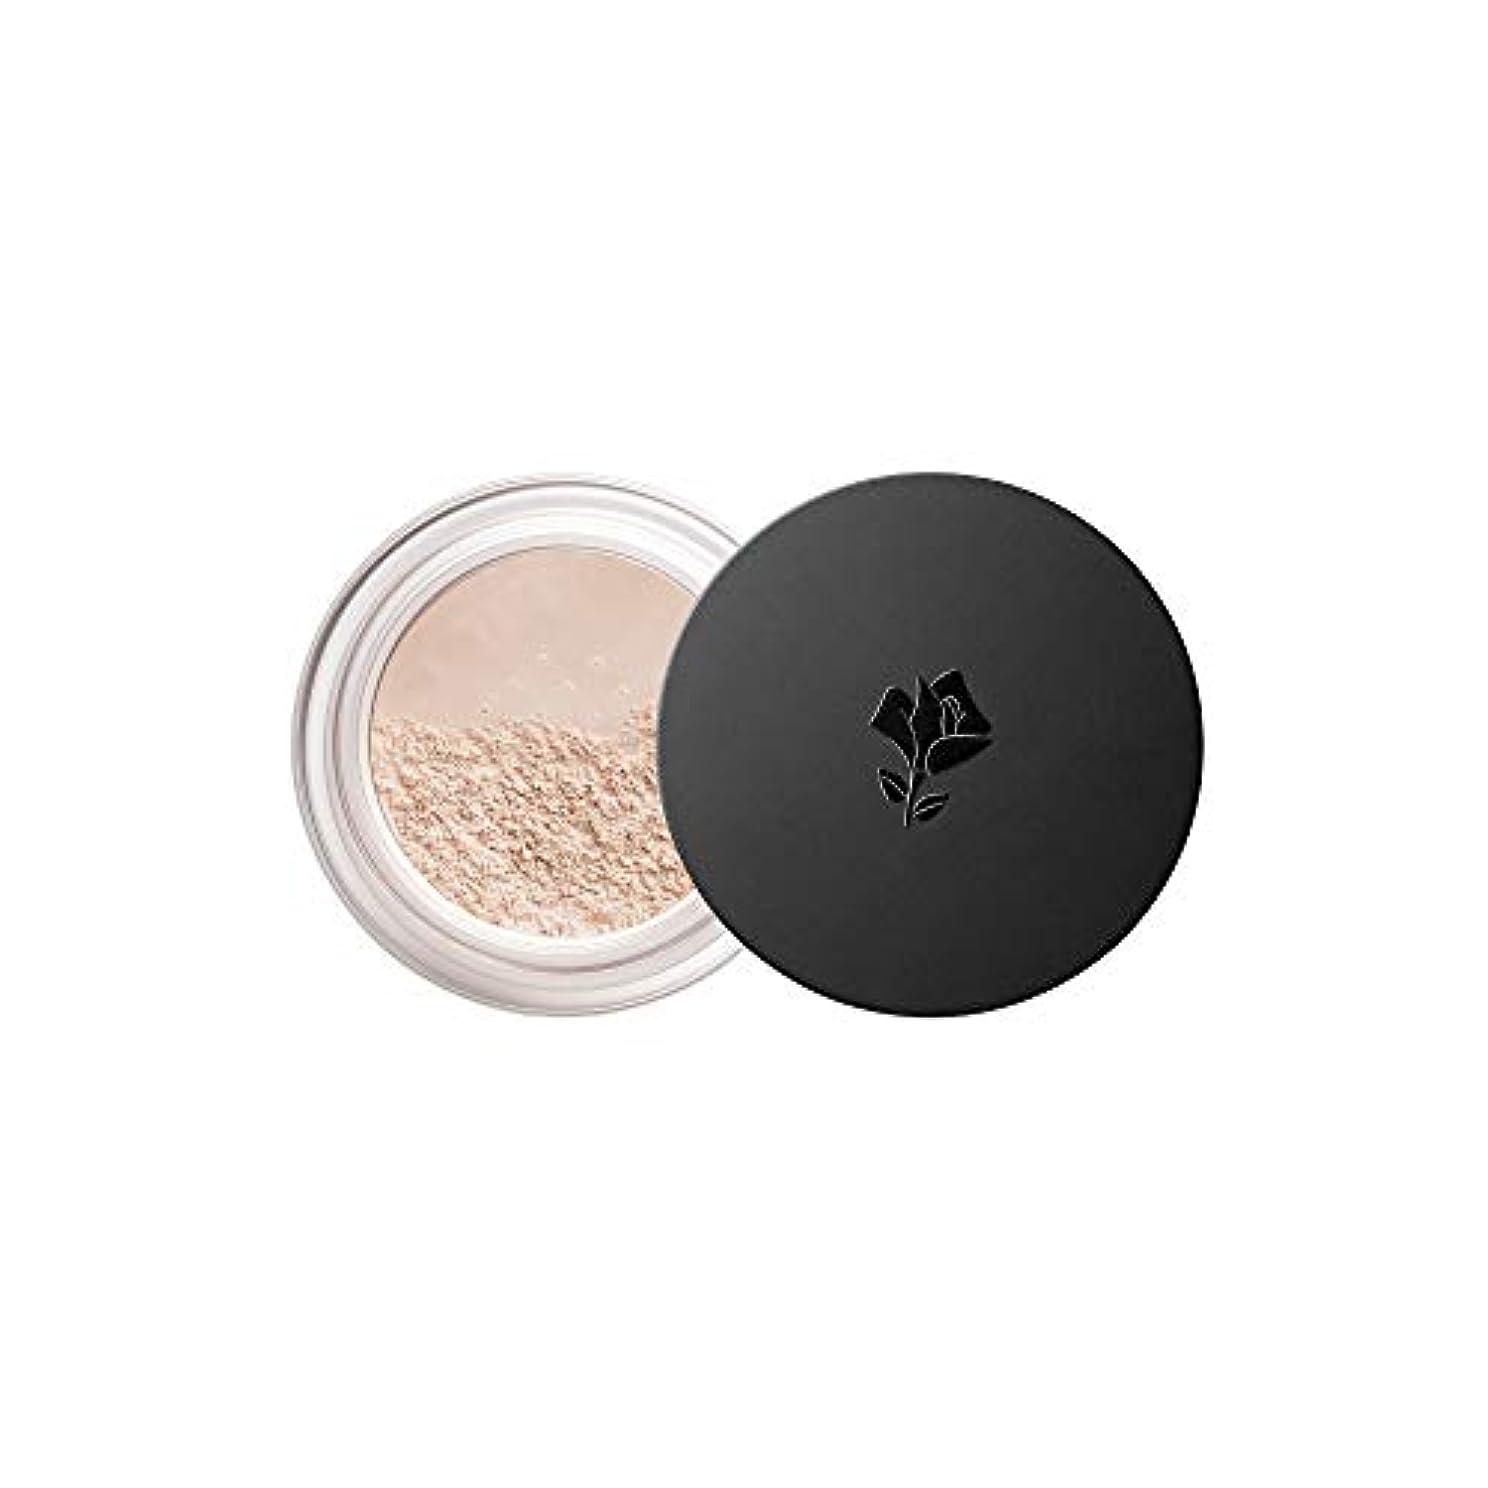 平凡大事にするデコレーションランコム Long Time No Shine Loose Setting & Mattifying Powder - # Translucent 15g/0.52oz並行輸入品